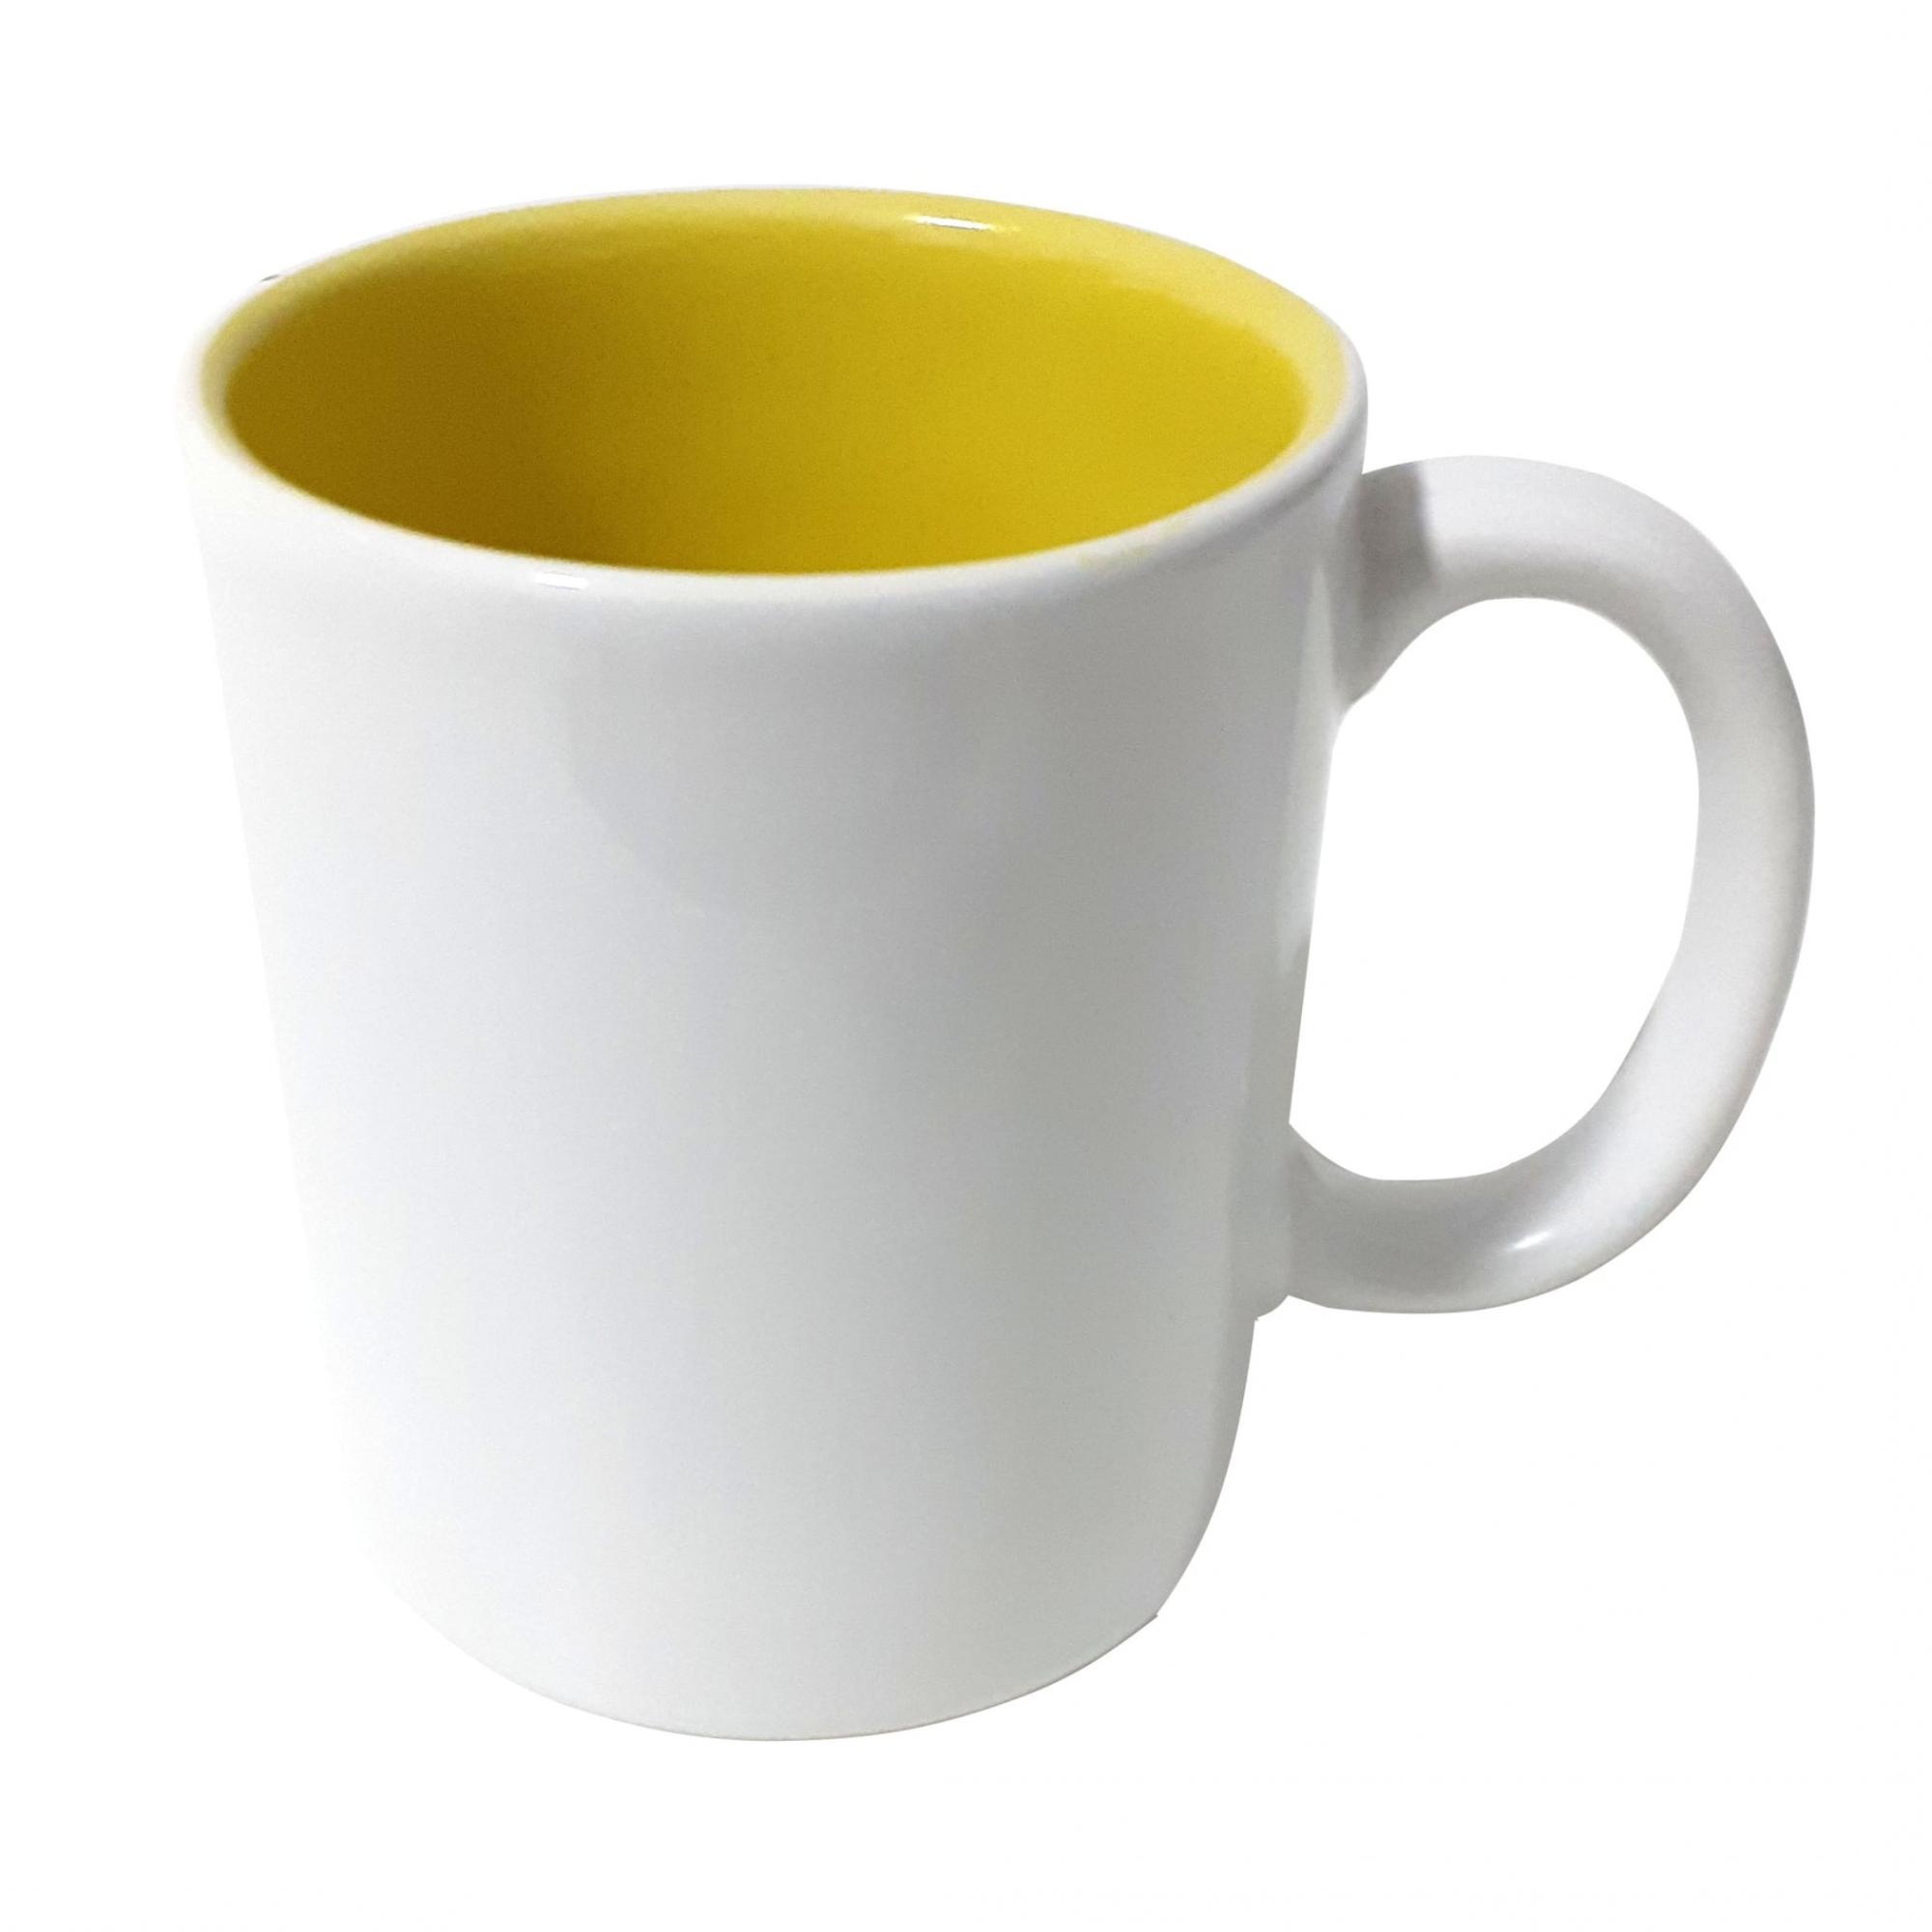 Caneca de Cerâmica Para Sublimação com Interior Amarelo- 300ml - Sublime